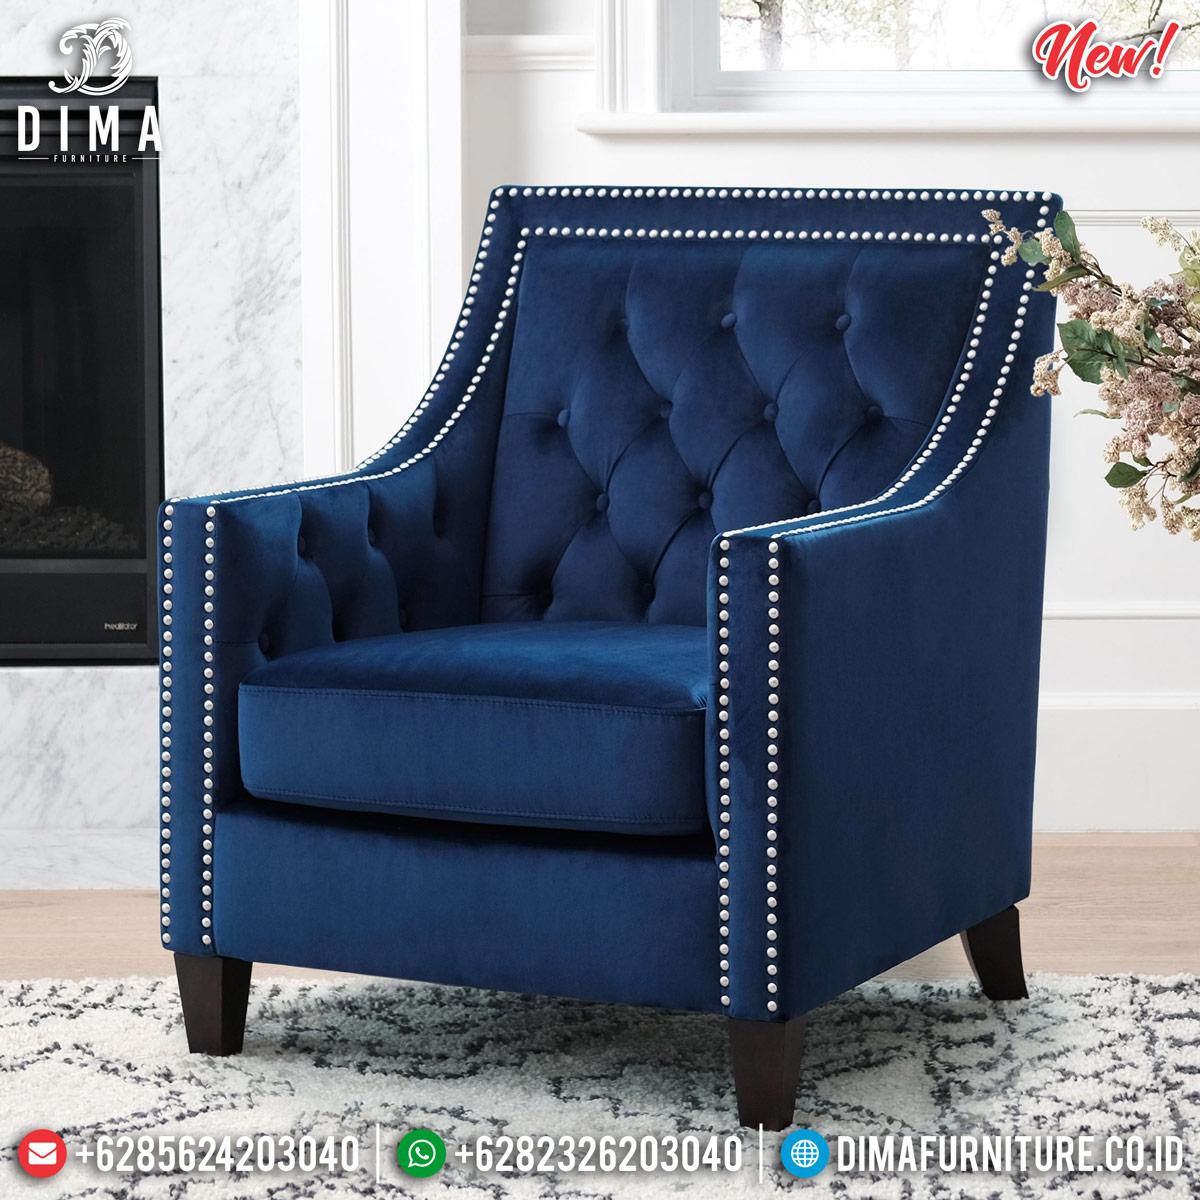 Sofa Tamu Minimalis Artistik Jepara Harga Terjangkau Great Quality TTJ-0894